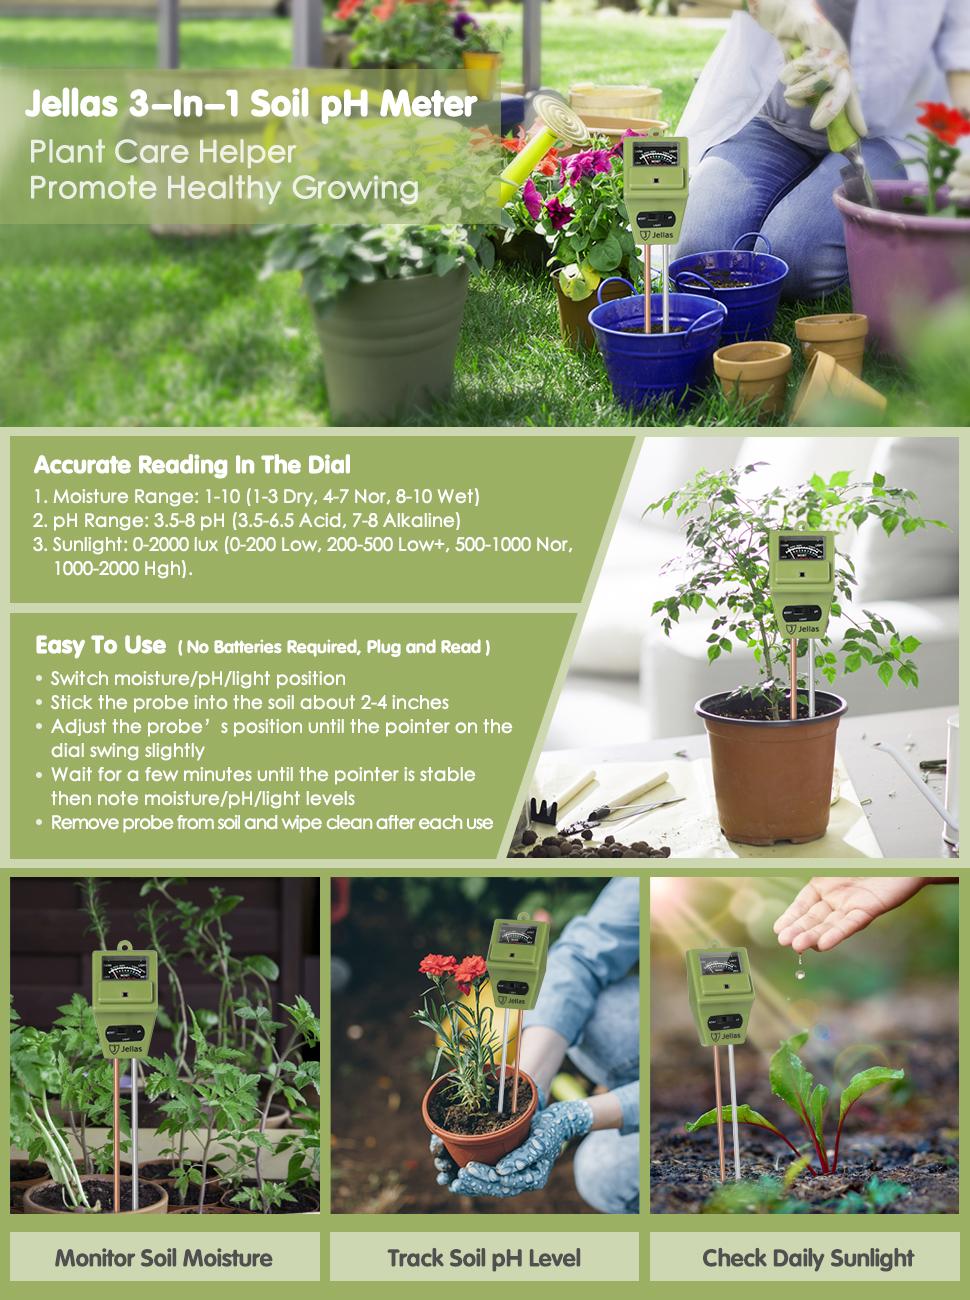 Indoor//Outdoor Plants Olive Green 3-in-1 Soil pH Meter Moisture Sensor Sunlight pH Soil Test Kits for Home and Garden Jellas Soil Moisture Meter